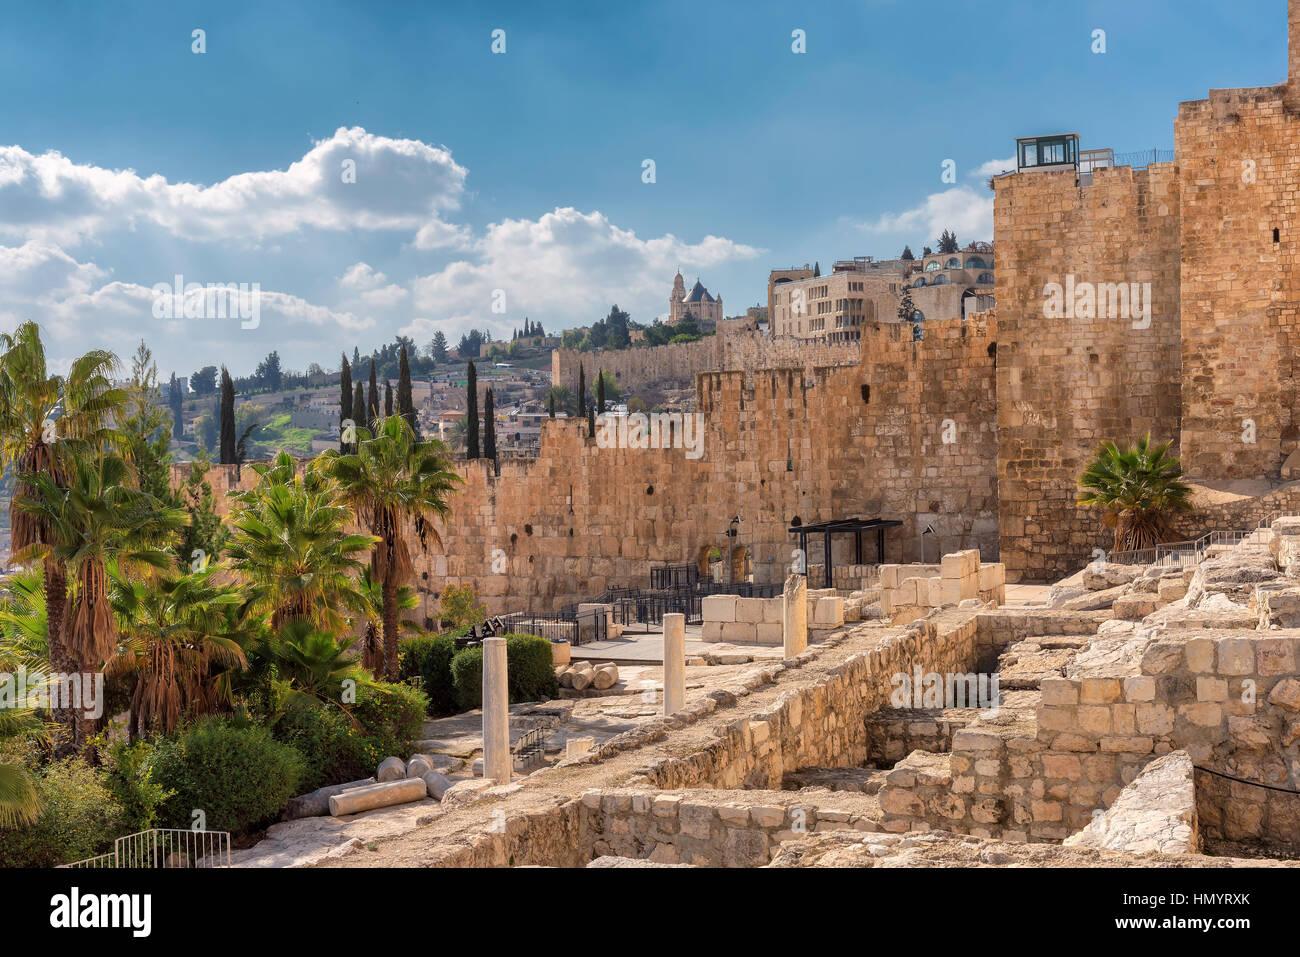 Una vista de la antigua Ciudad Vieja de Jerusalén desde el Monte del Templo, en Jerusalén, Israel. Foto de stock